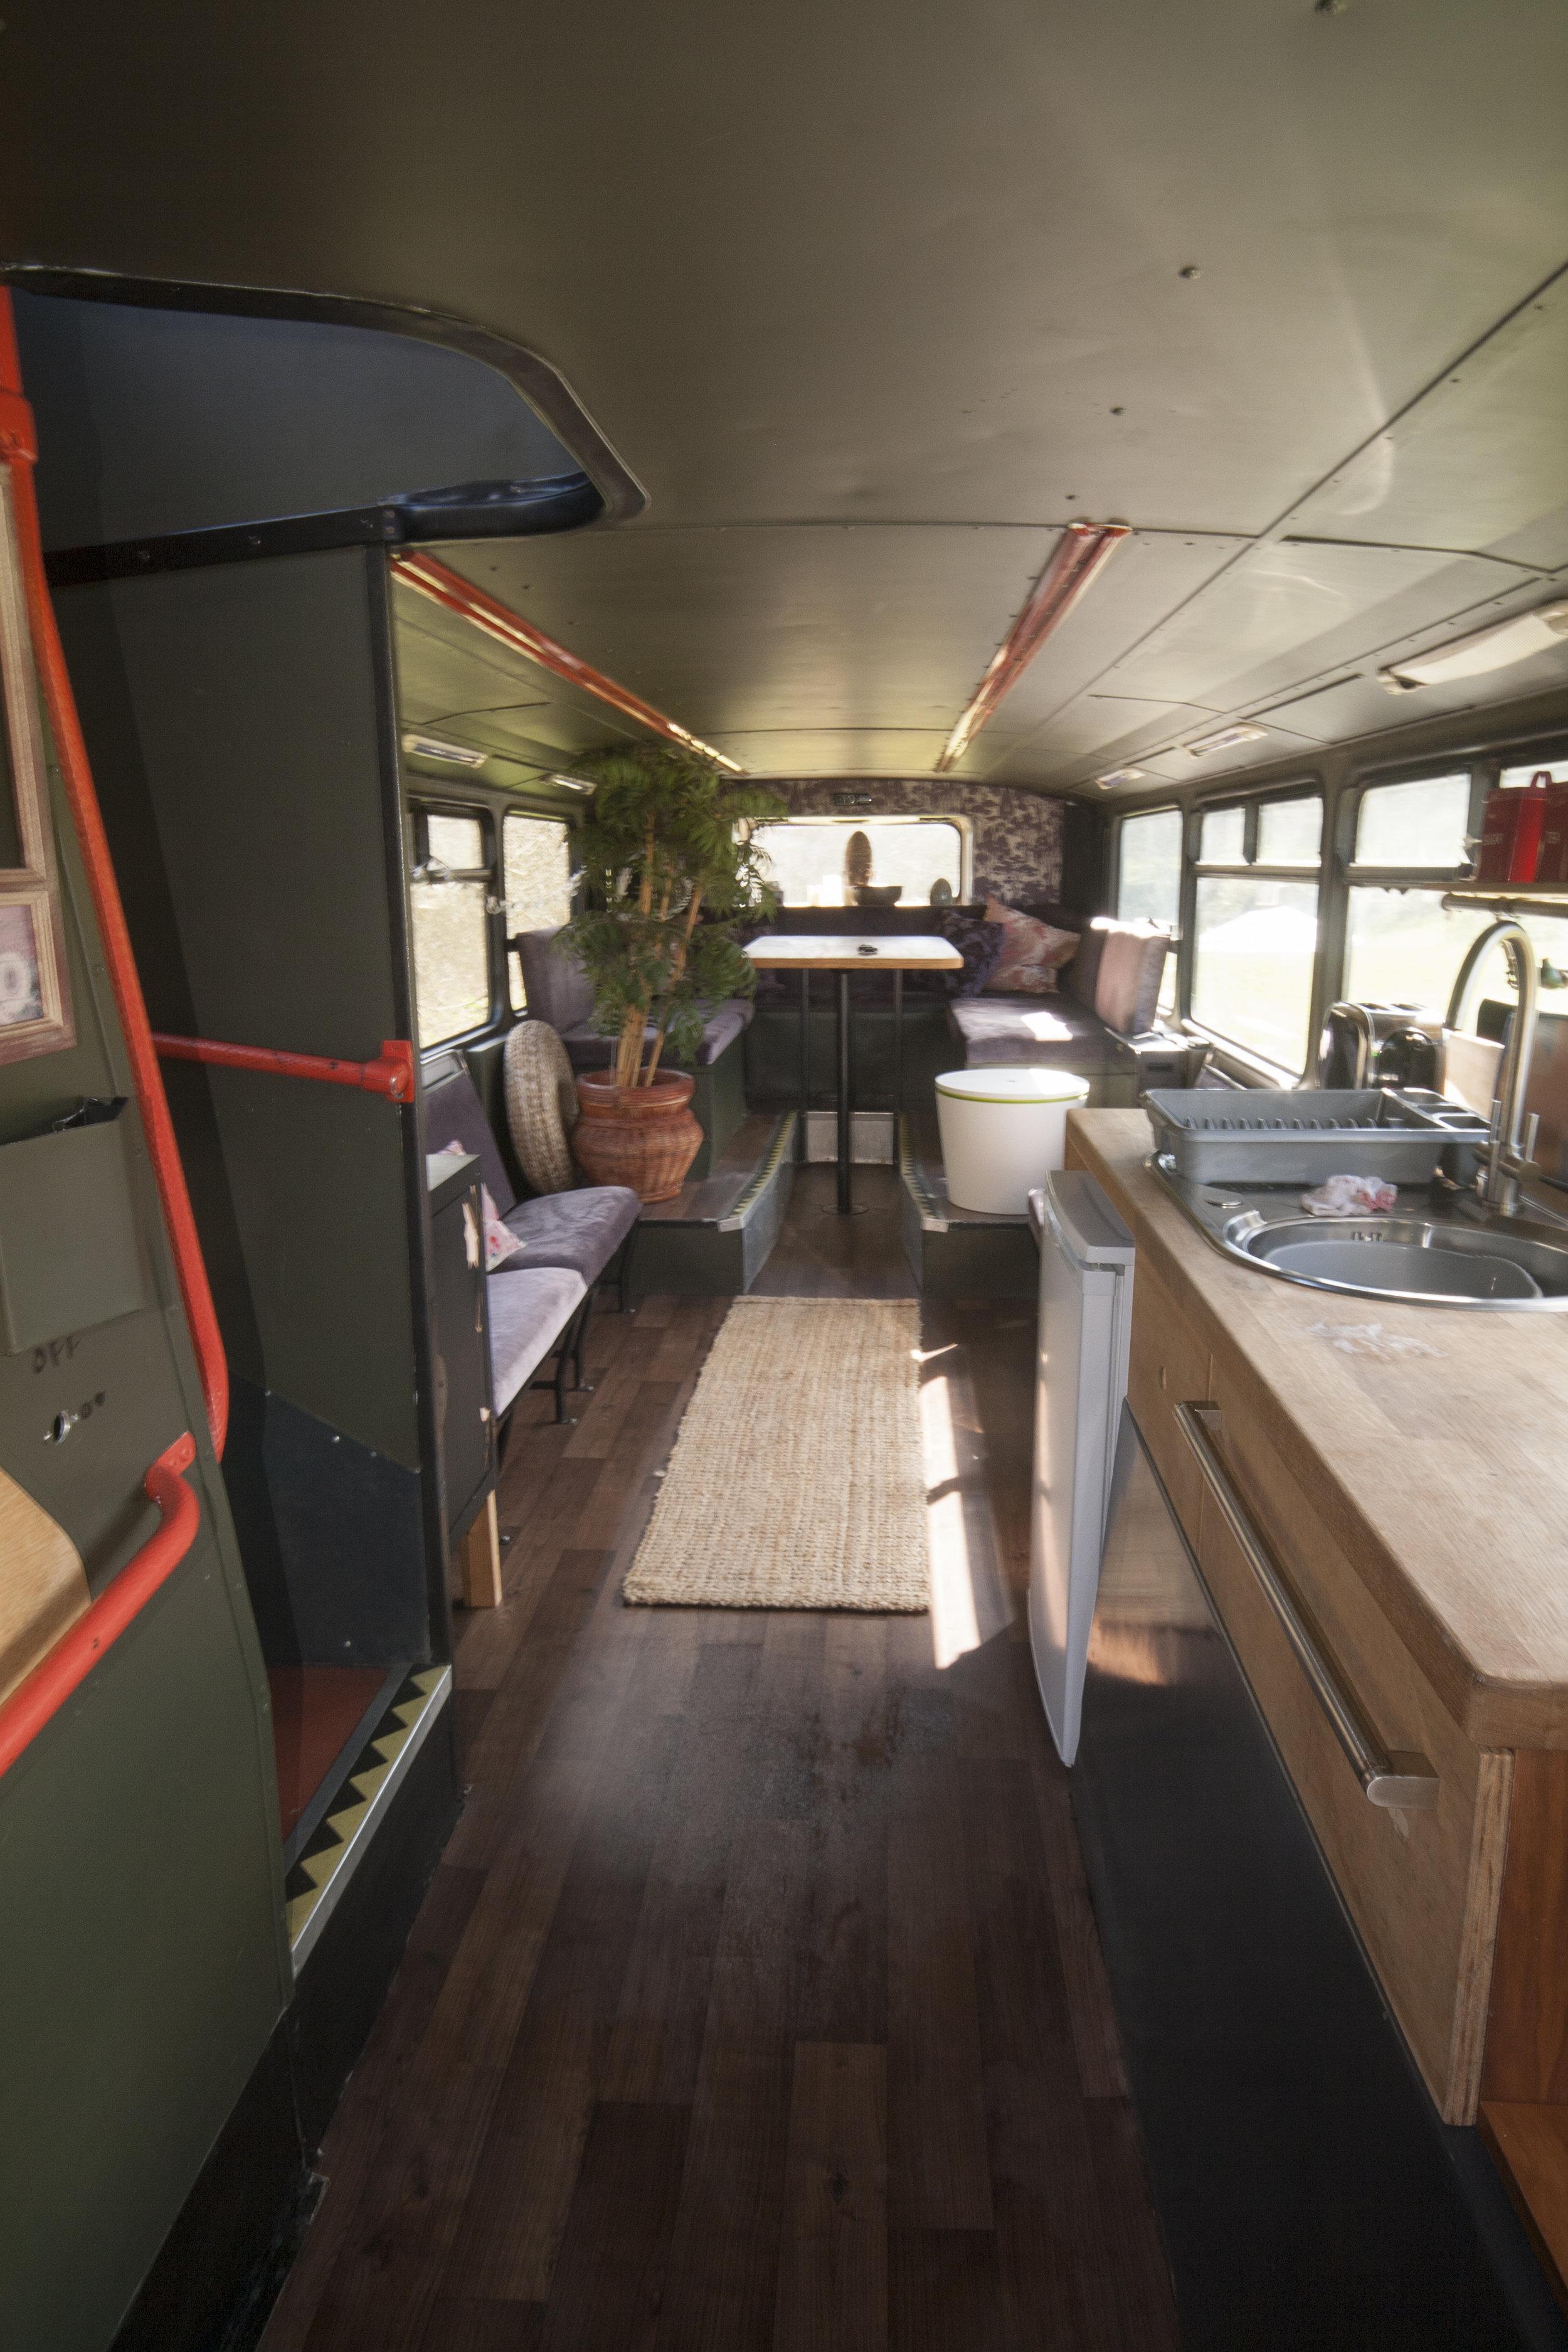 partyfield dorset party field bertie the bus kitchen diner 1.jpg